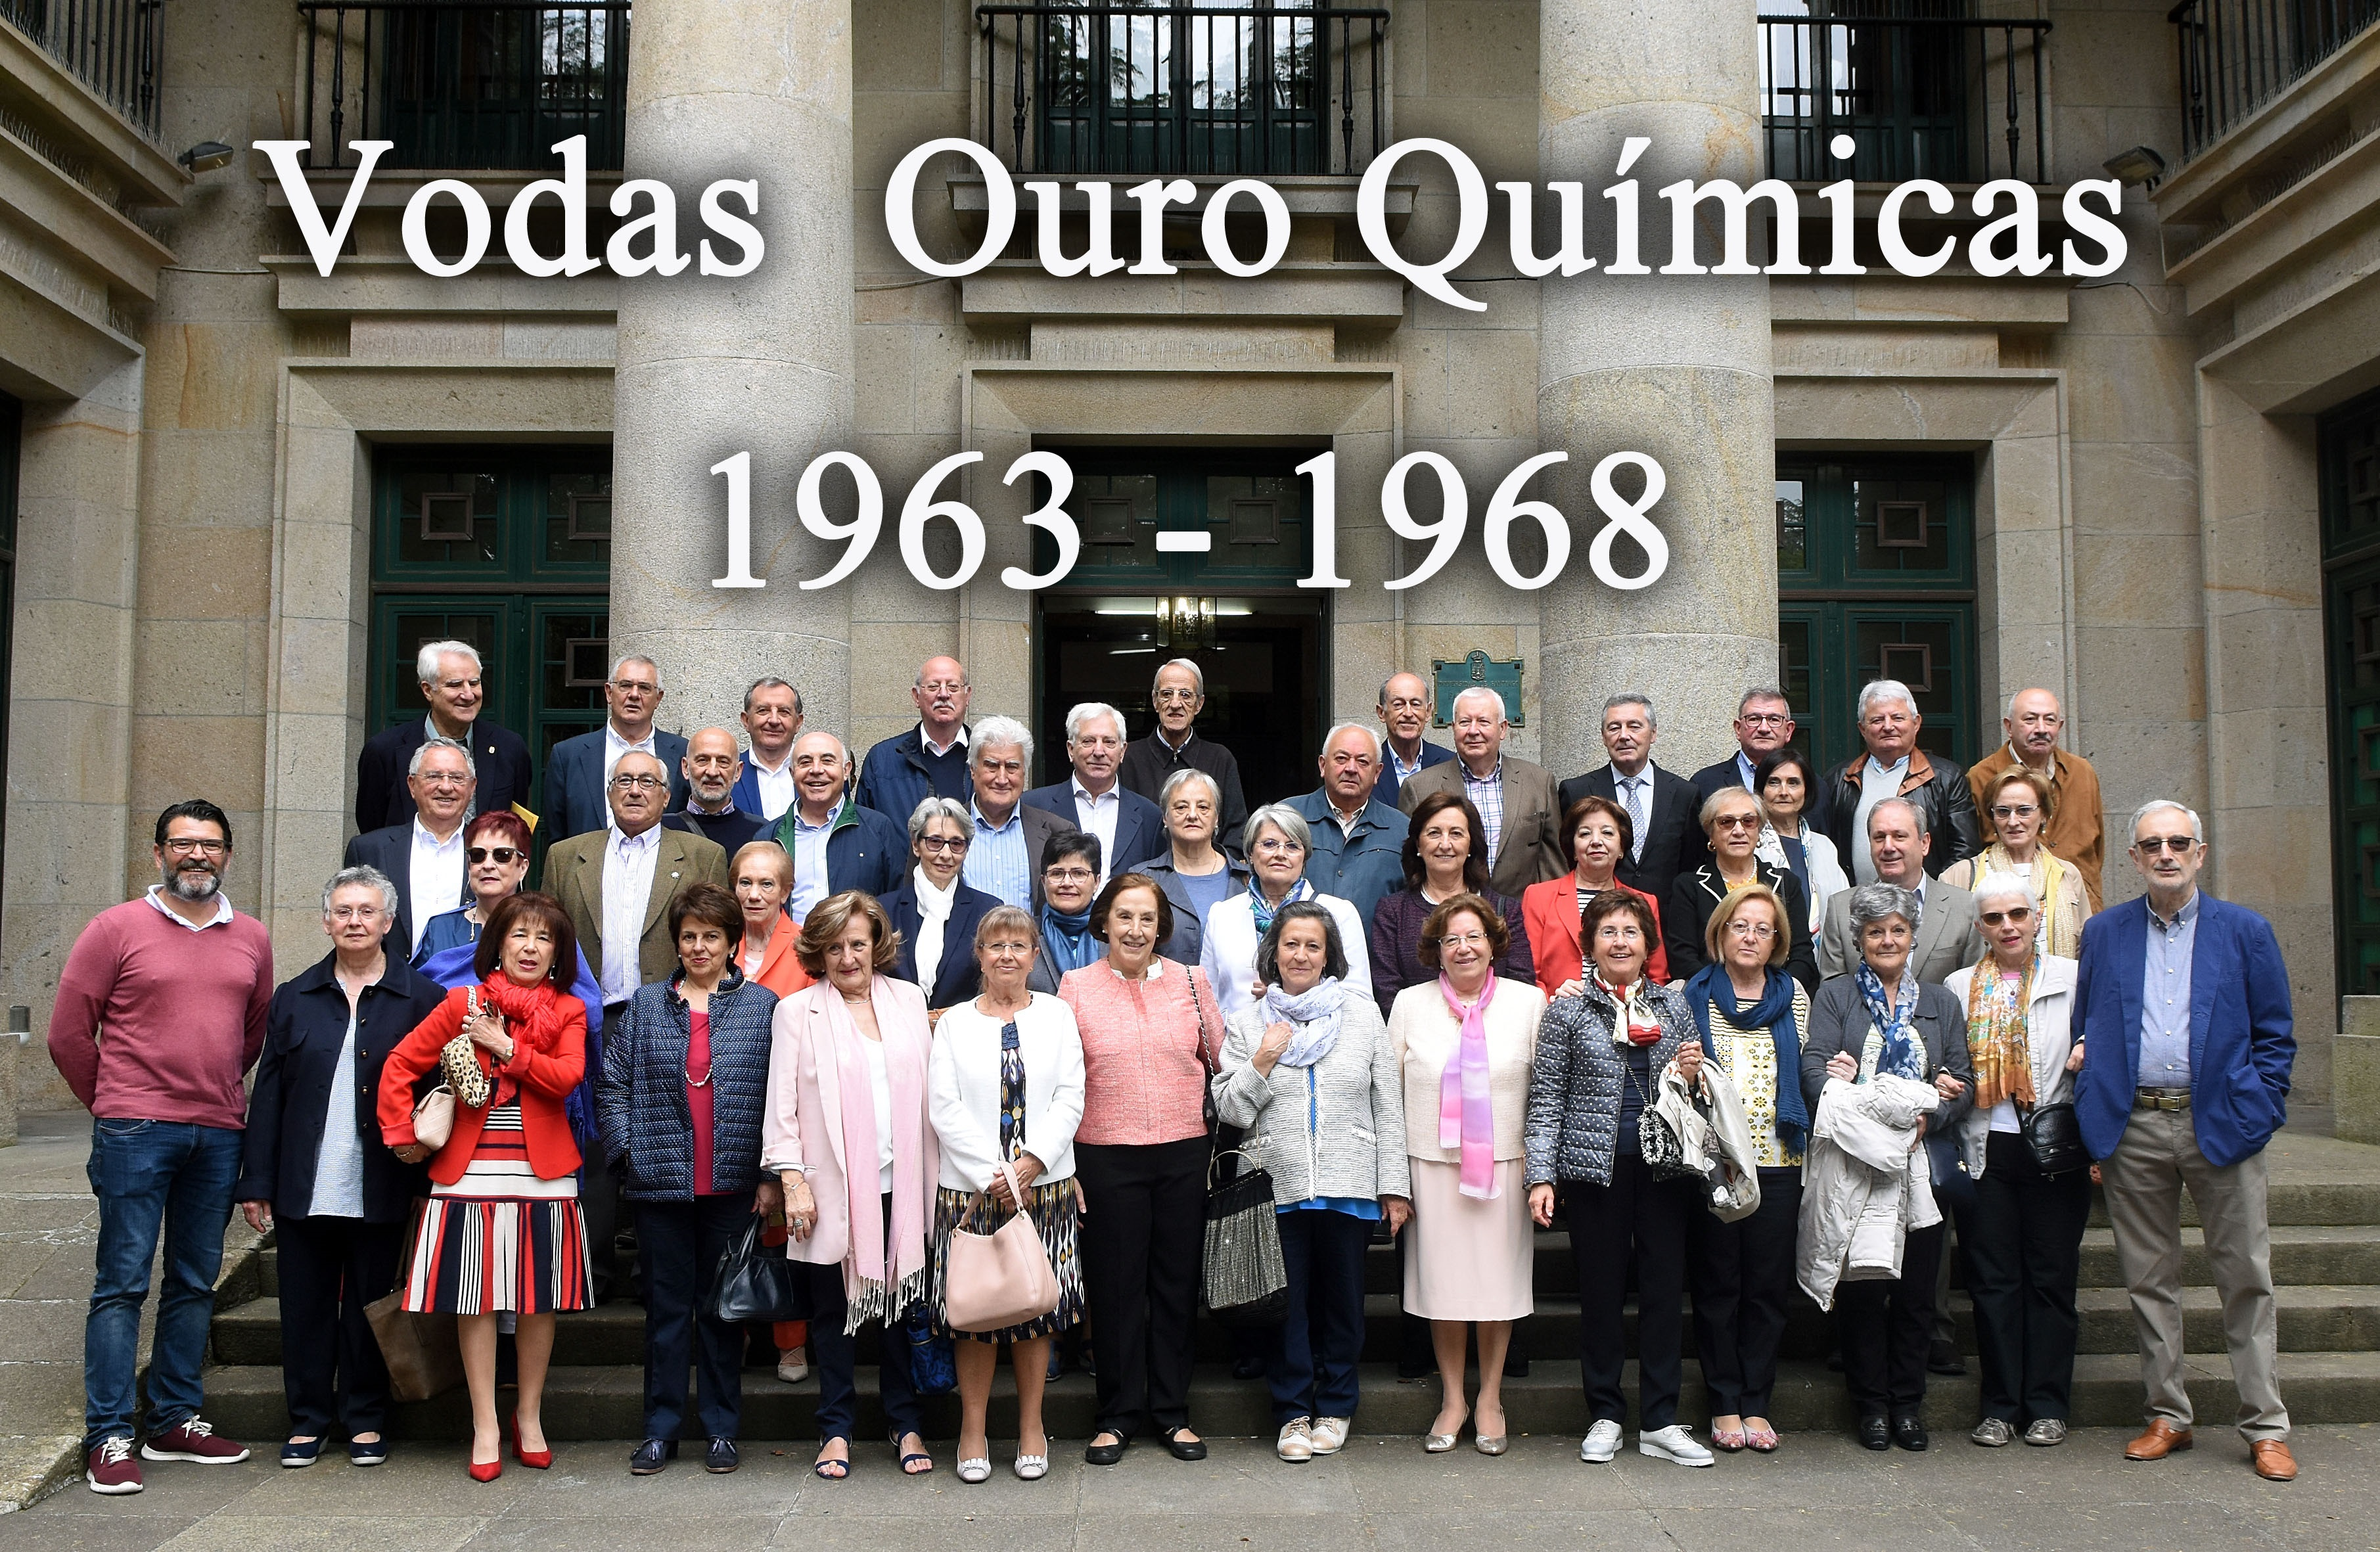 BODAS DE ORO QUIMICAS